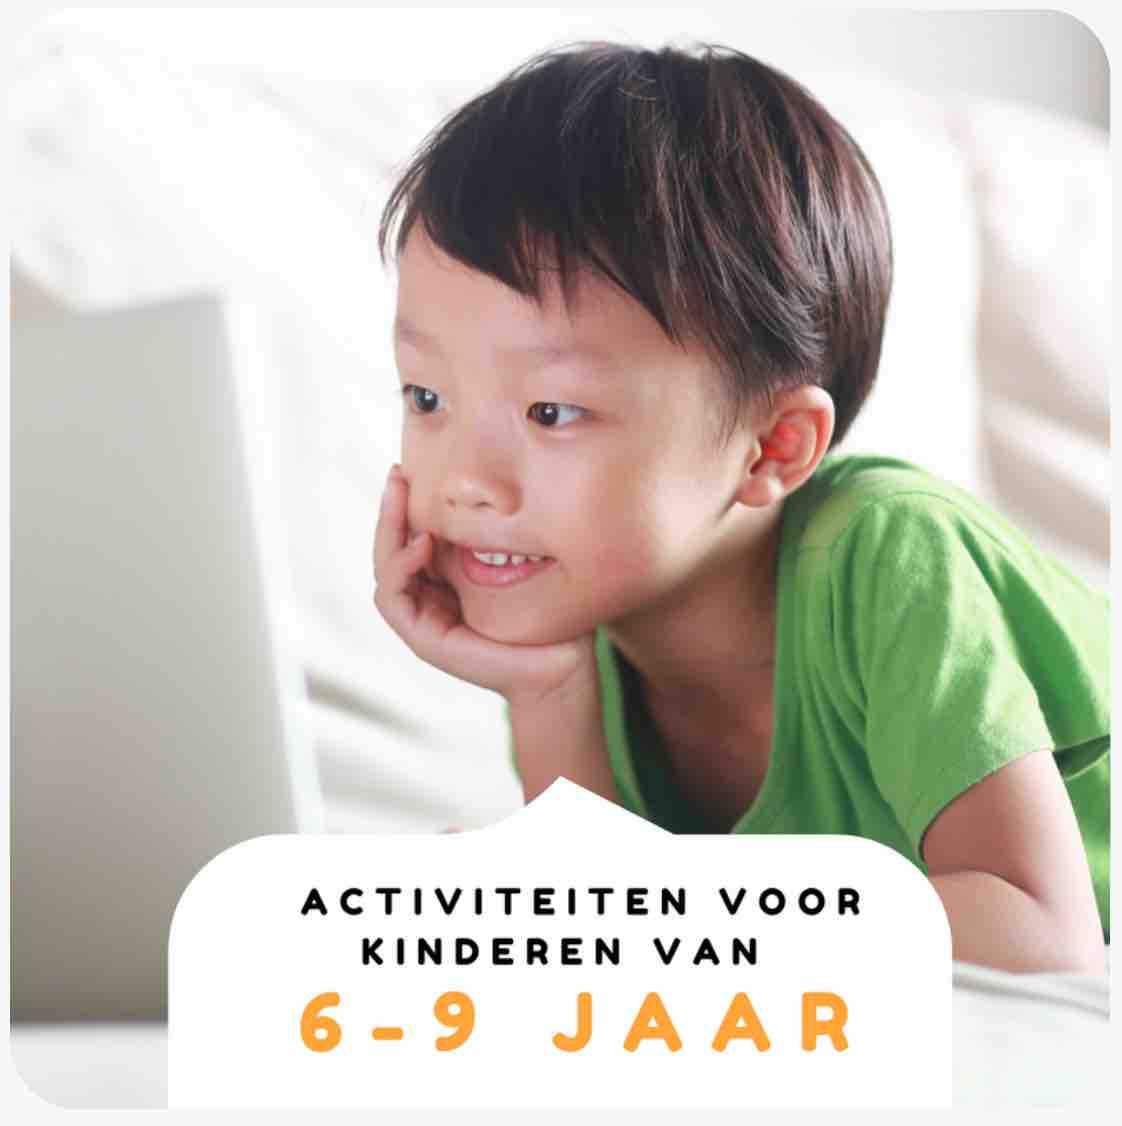 Nederlandstalige activiteiten voor kinderen van 6-9 jaar